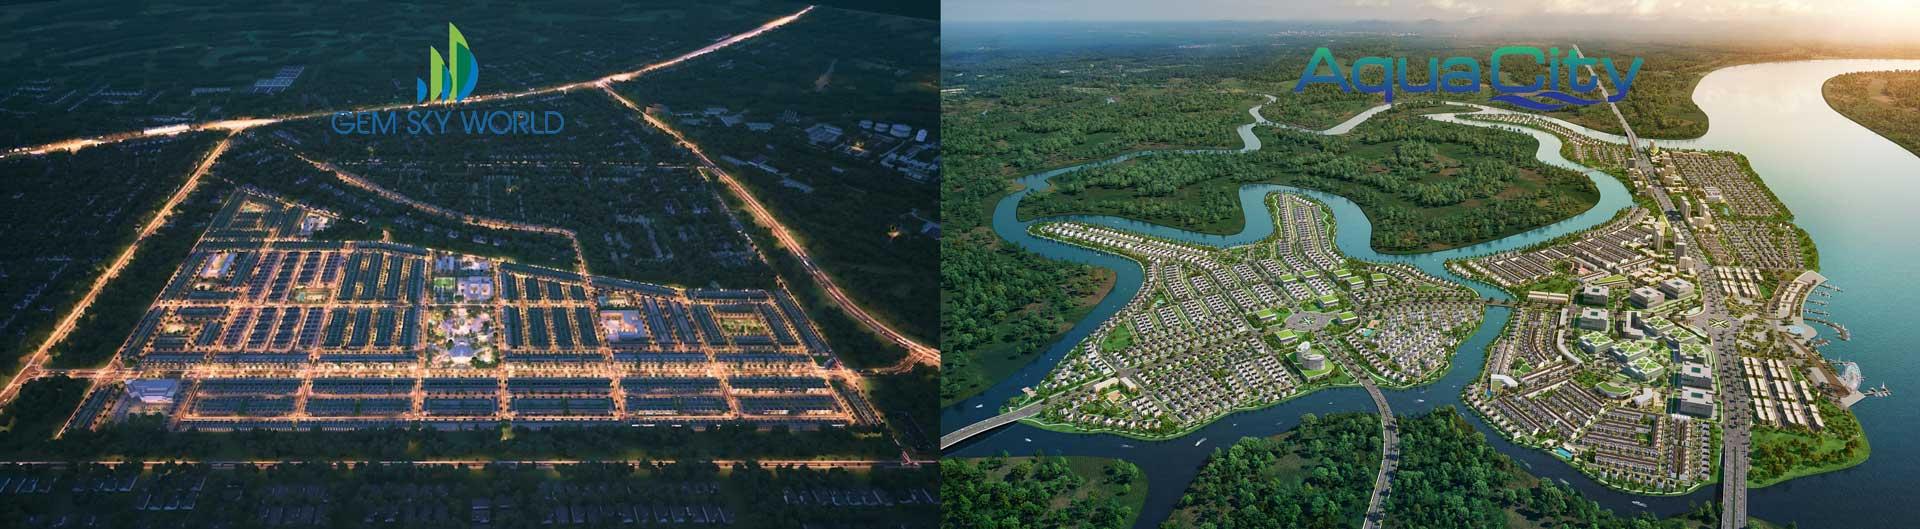 so sanh du an gem sky world va aqua city - Dự án Aqua city của Novaland và Gem Sky world của Đất Xanh có gì khác biệt